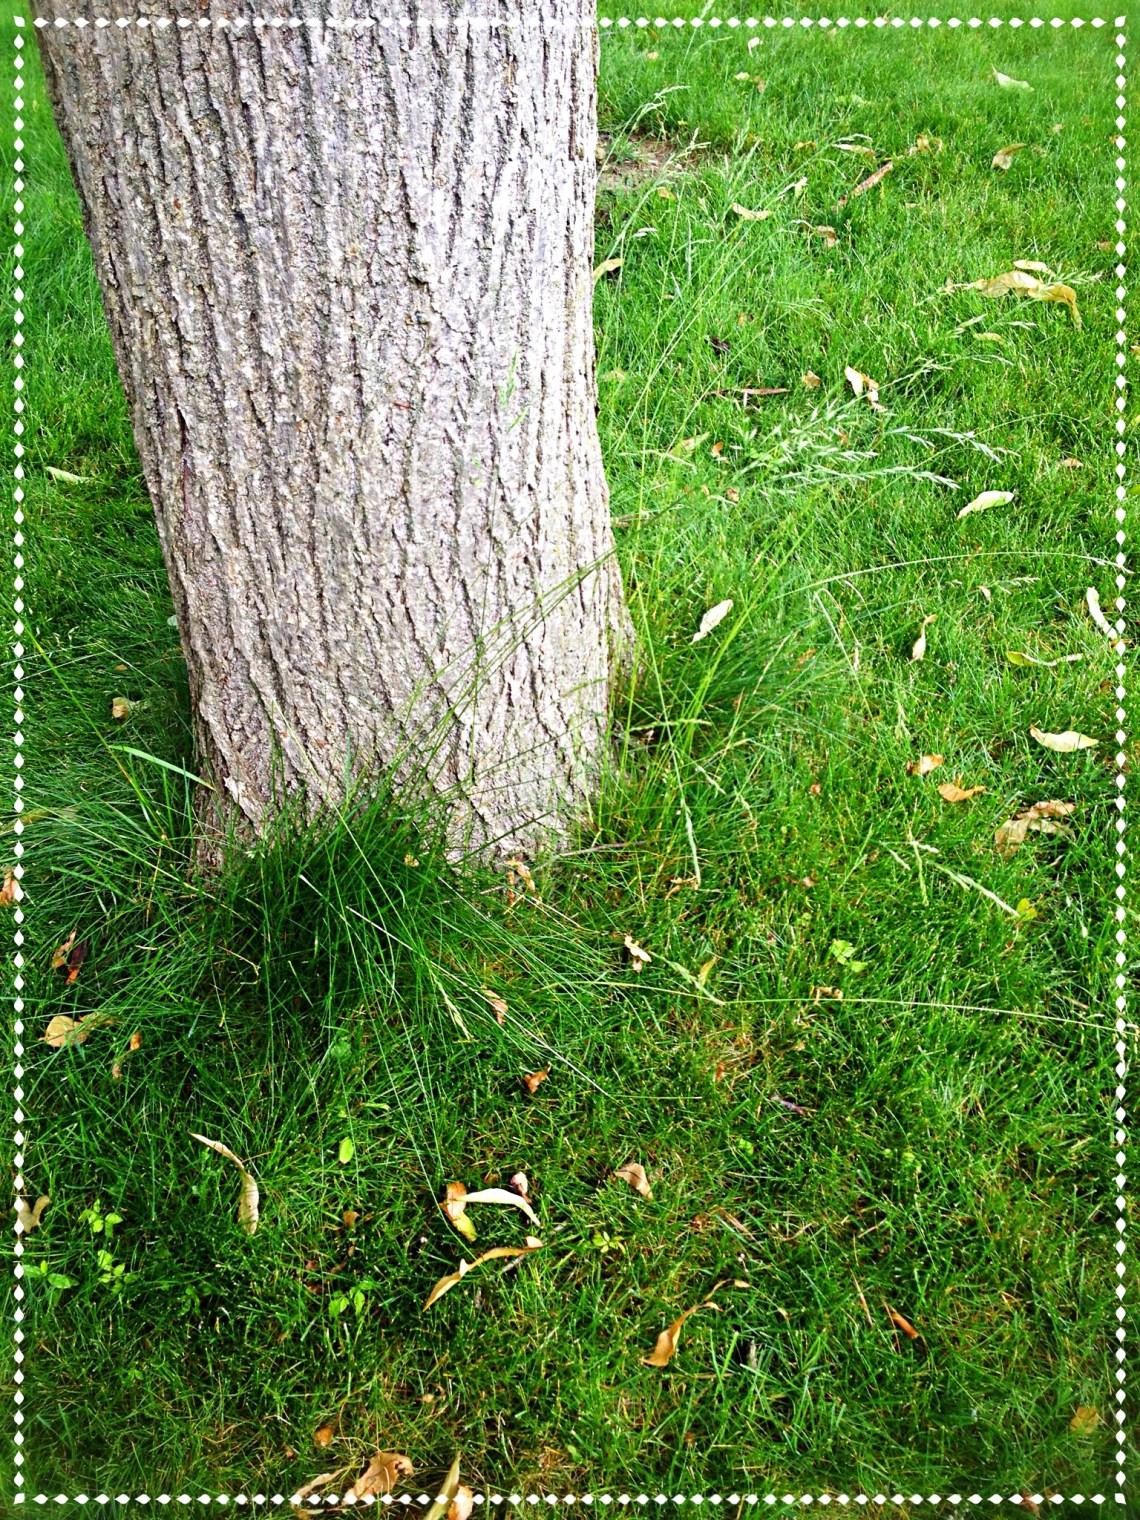 Grass growing around a tree trunk is undisturbed